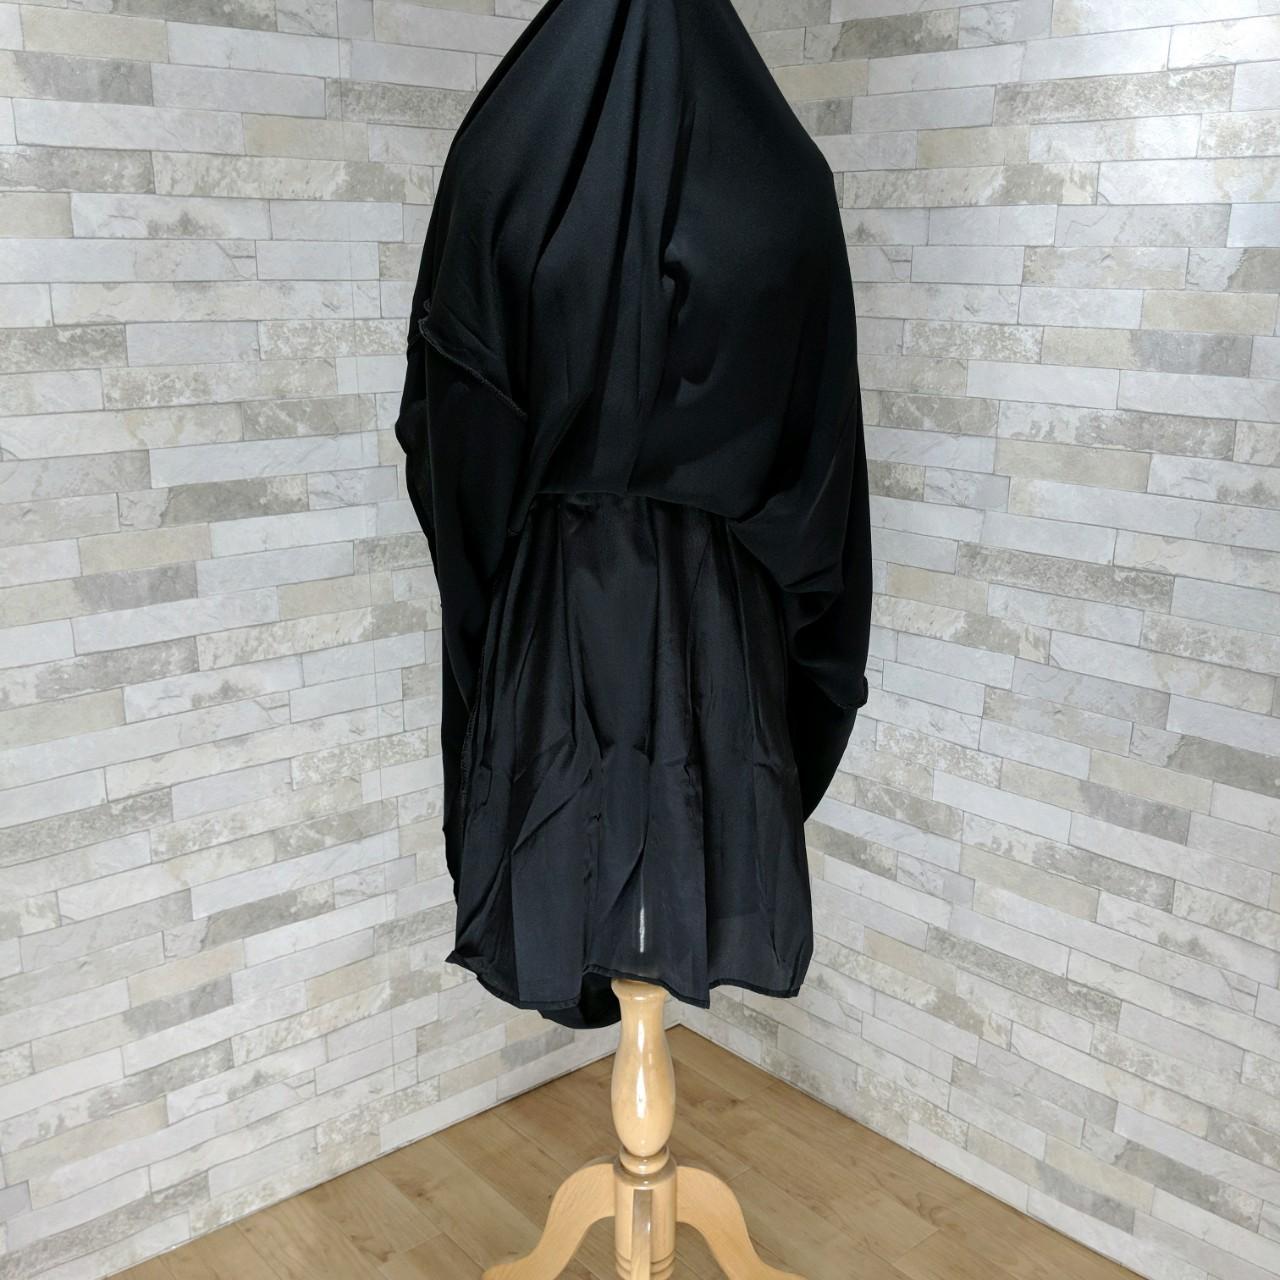 【即納】韓国 ファッション ワンピース パーティードレス ロング マキシ 夏 春 秋 パーティー ブライダル SPTX5151 結婚式 お呼ばれ ドッキング 花柄レース ロン 二次会 セレブ きれいめの写真20枚目